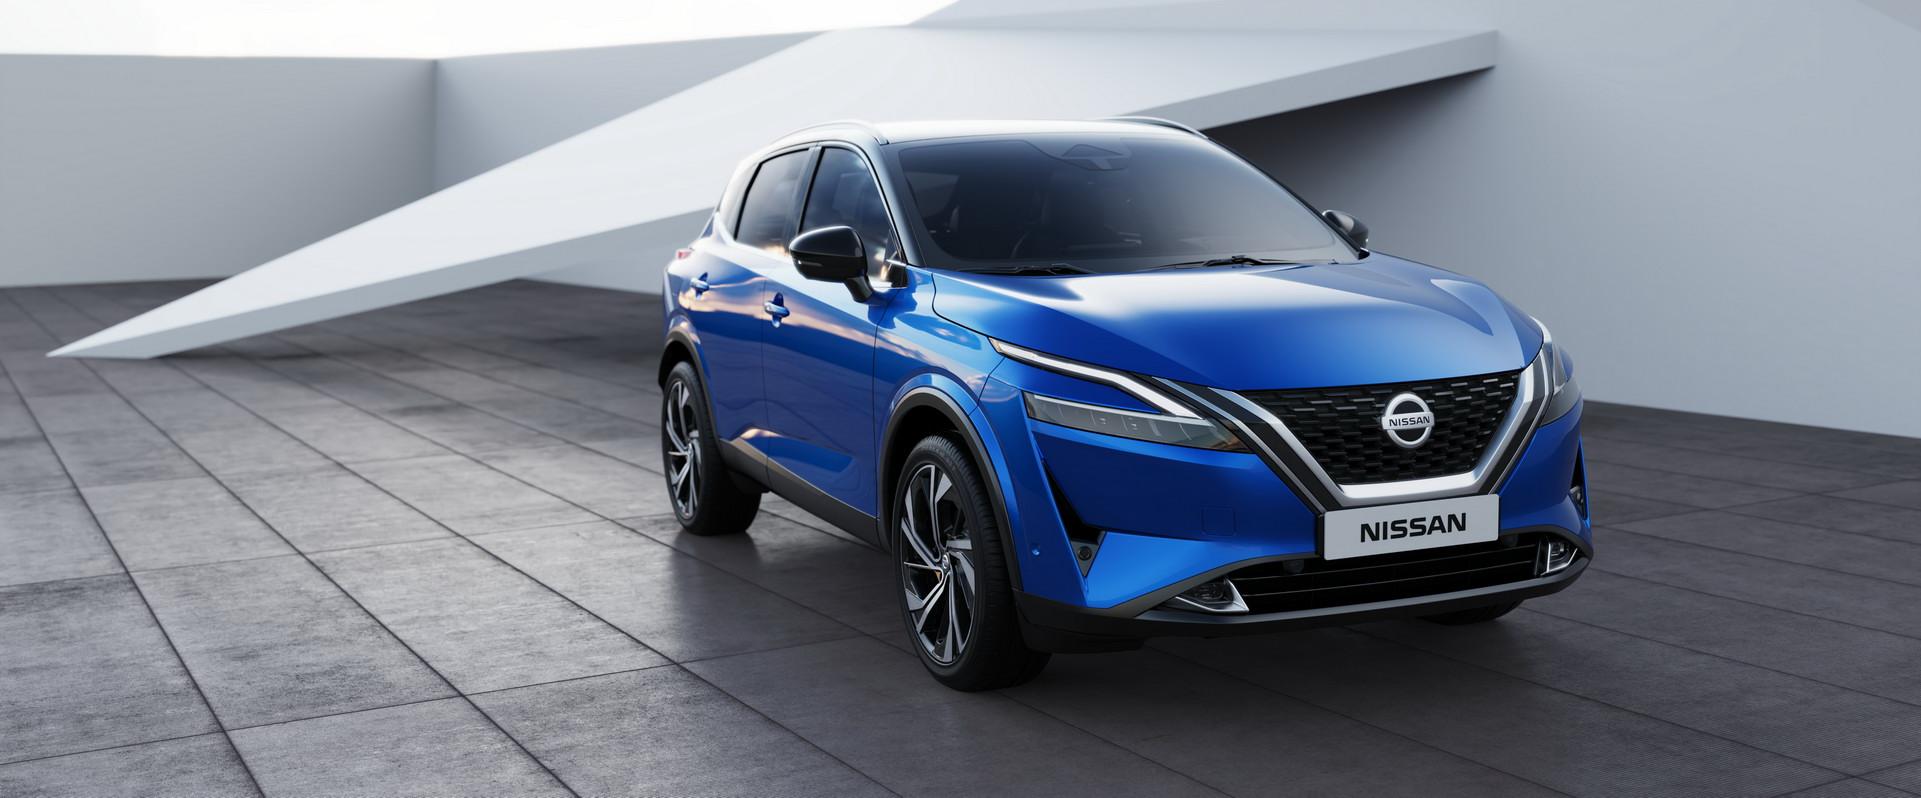 Nissan Qashqai 2021 (17)